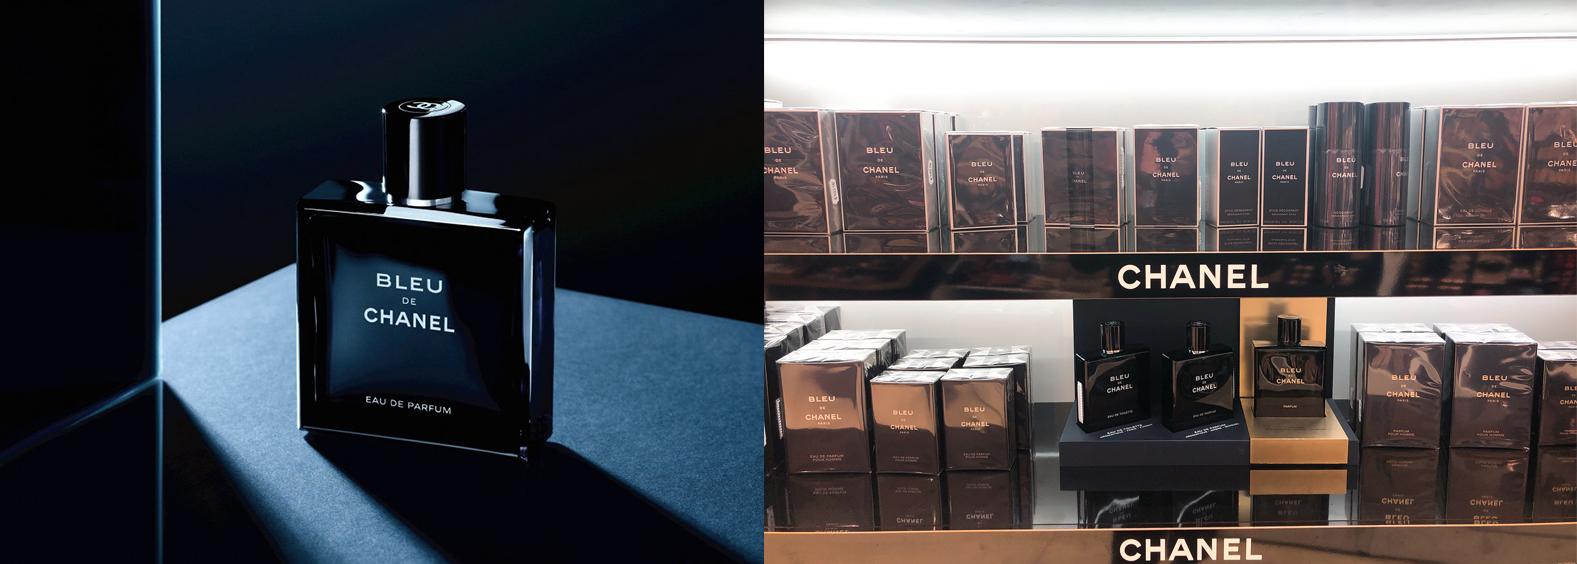 巴黎Chanel蔚蓝男士香水